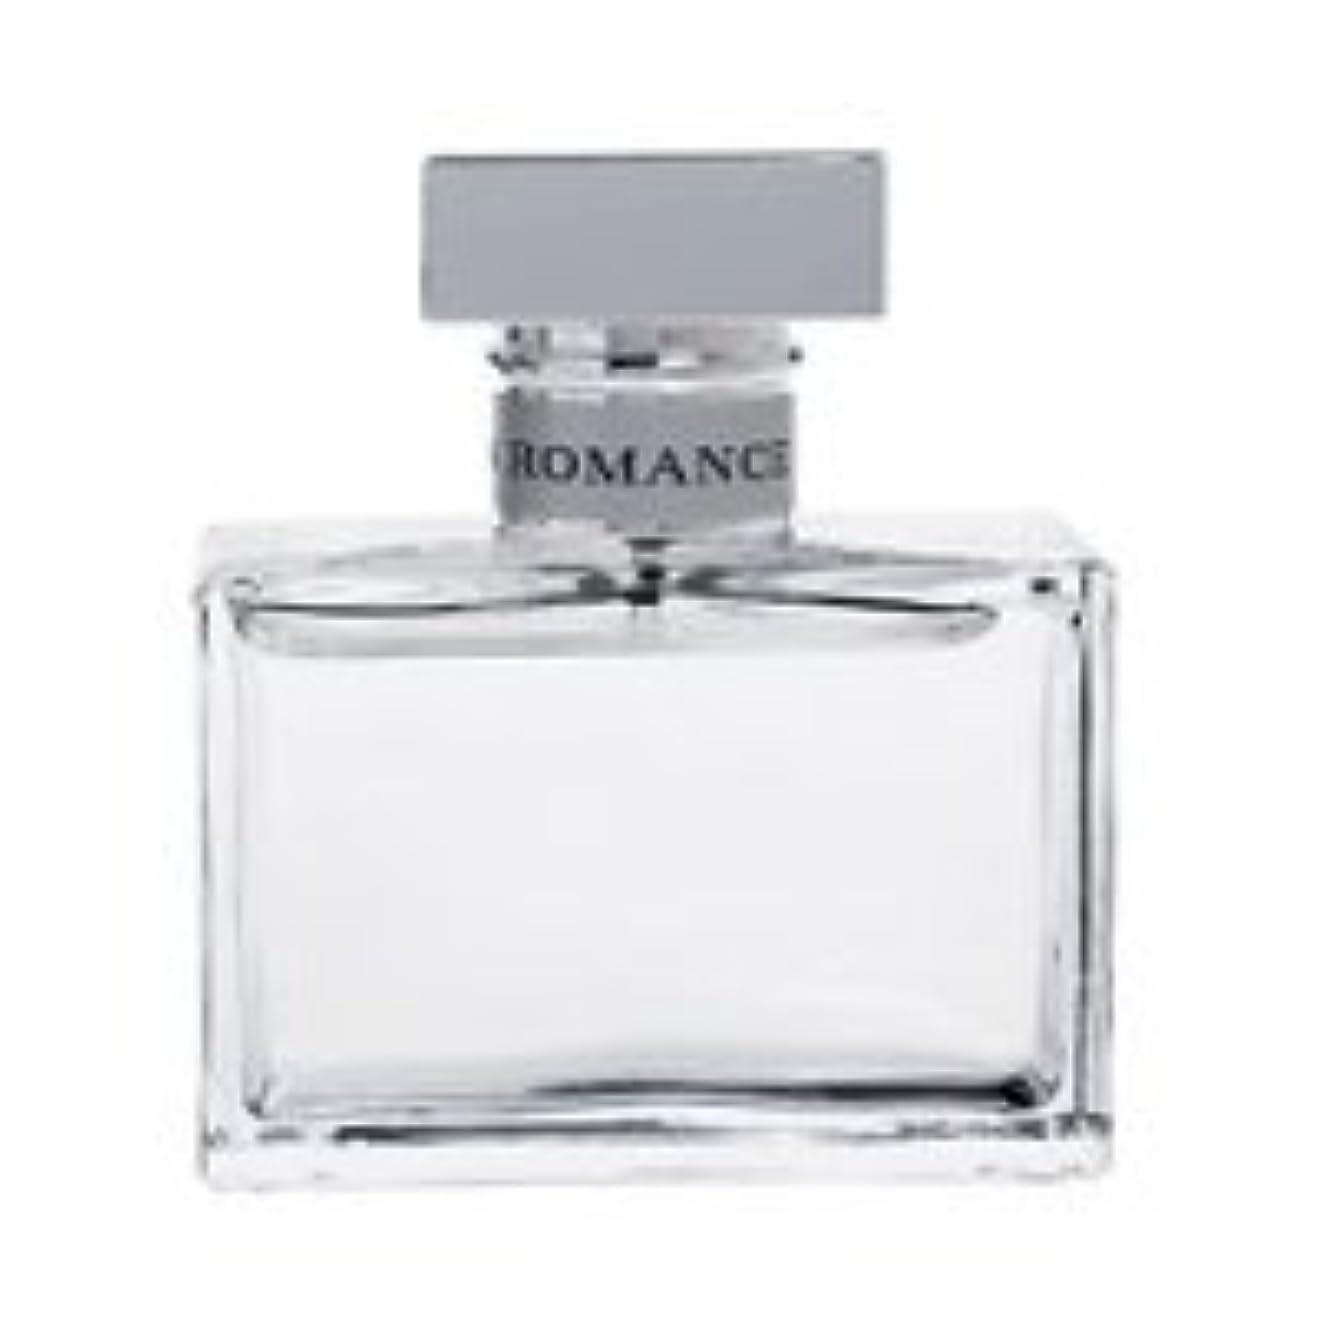 でる確かめるコンパニオンラルフ ローレン 香水 ロマンス EDP SP 30ml 【並行輸入品】